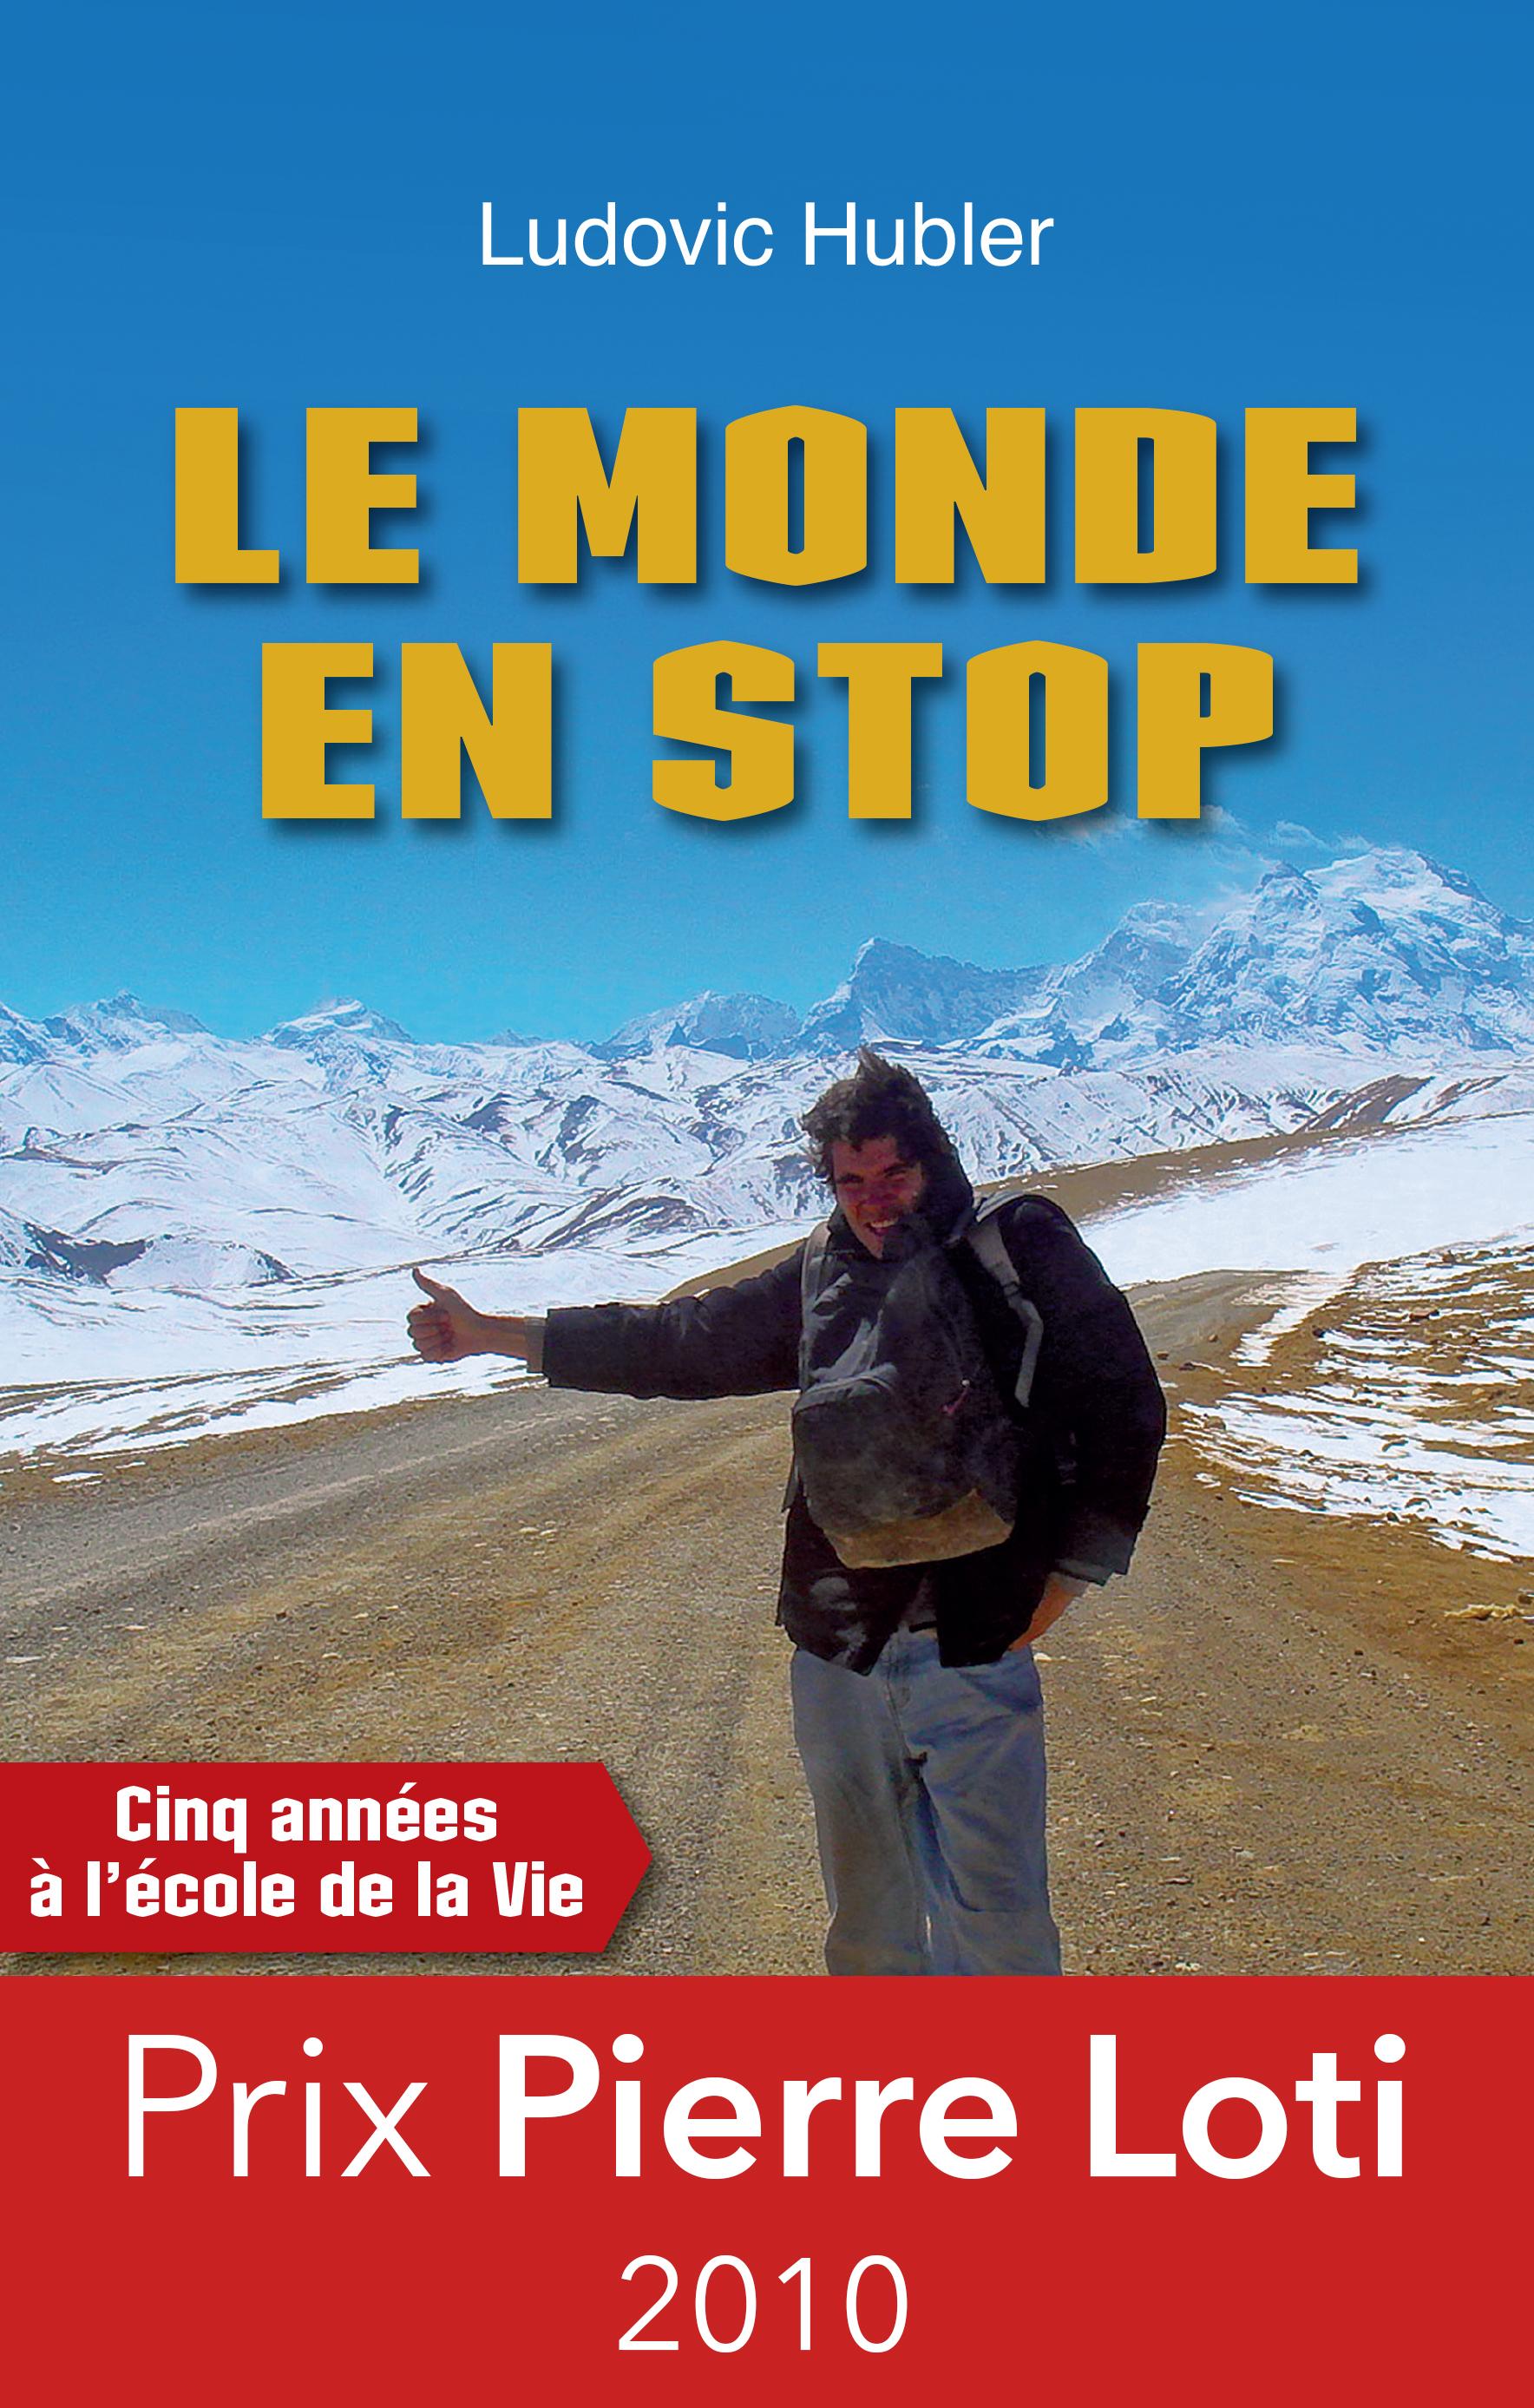 Le monde en stop, CINQ ANNÉES À L'ÉCOLE DE LA VIE